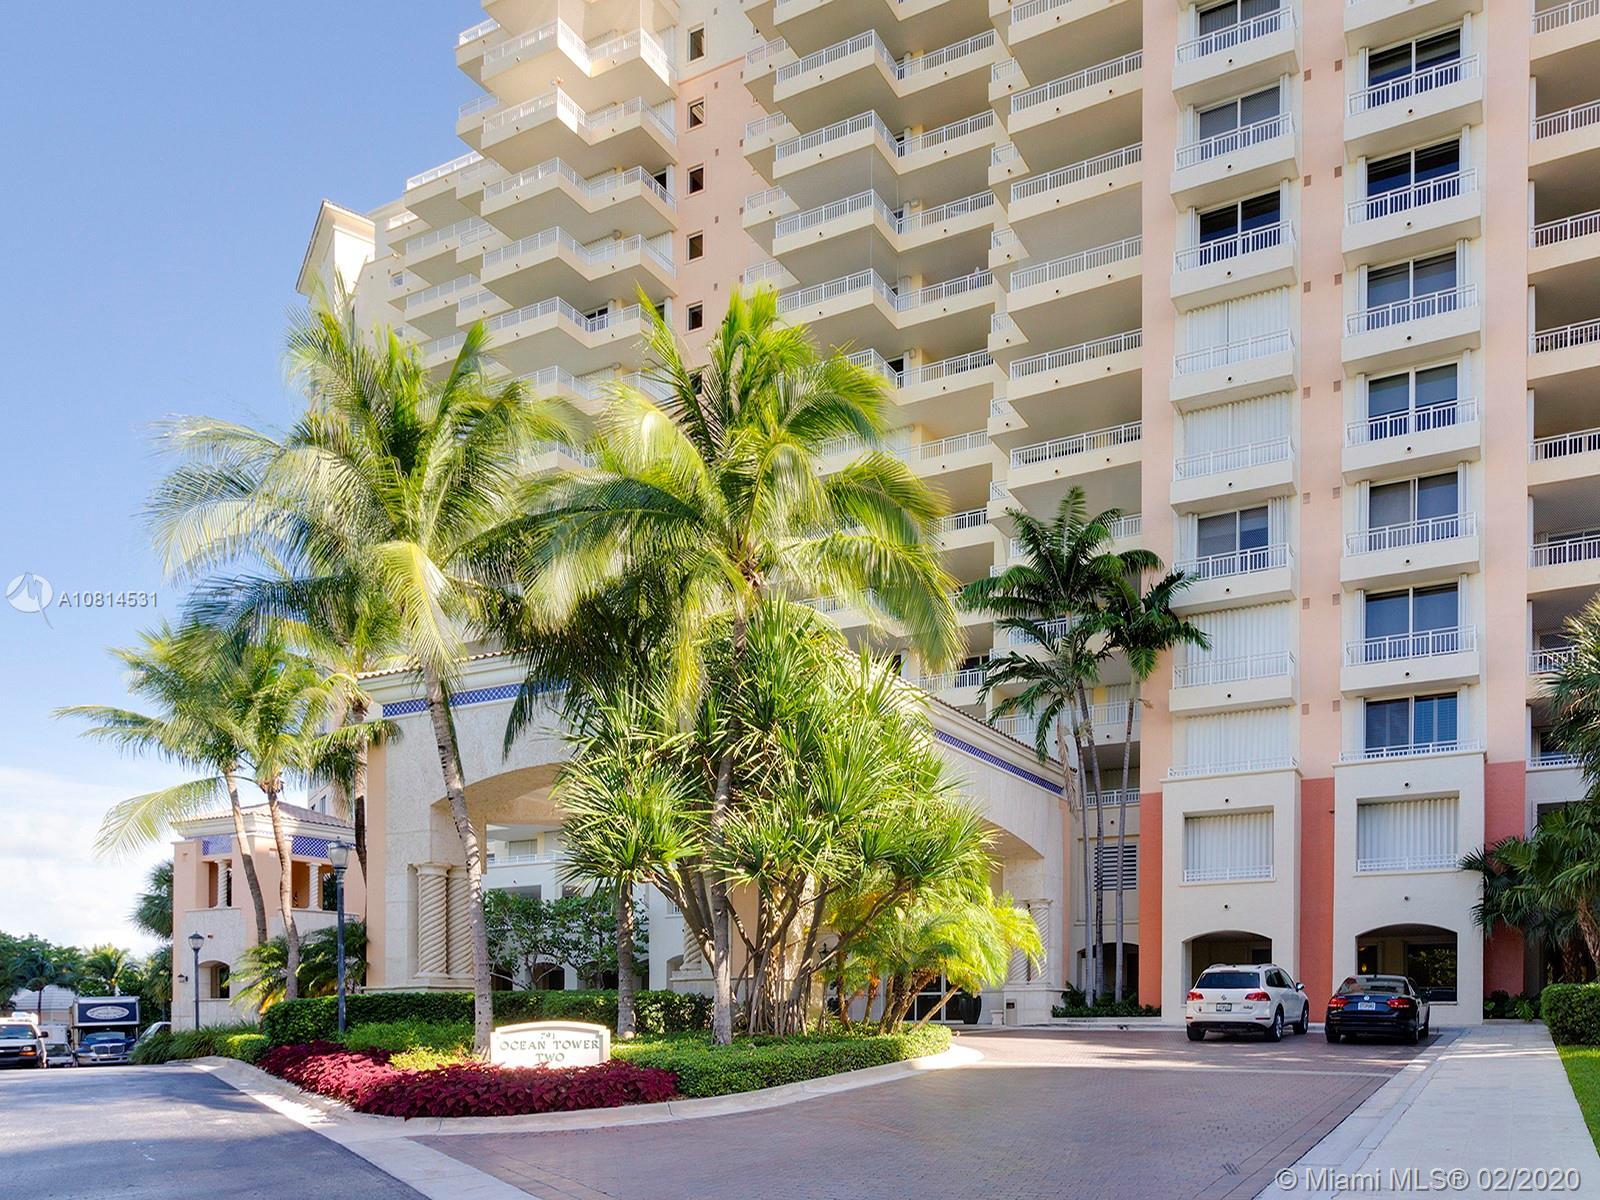 791 Crandon Blvd #303, Key Biscayne, FL 33149 - Key Biscayne, FL real estate listing